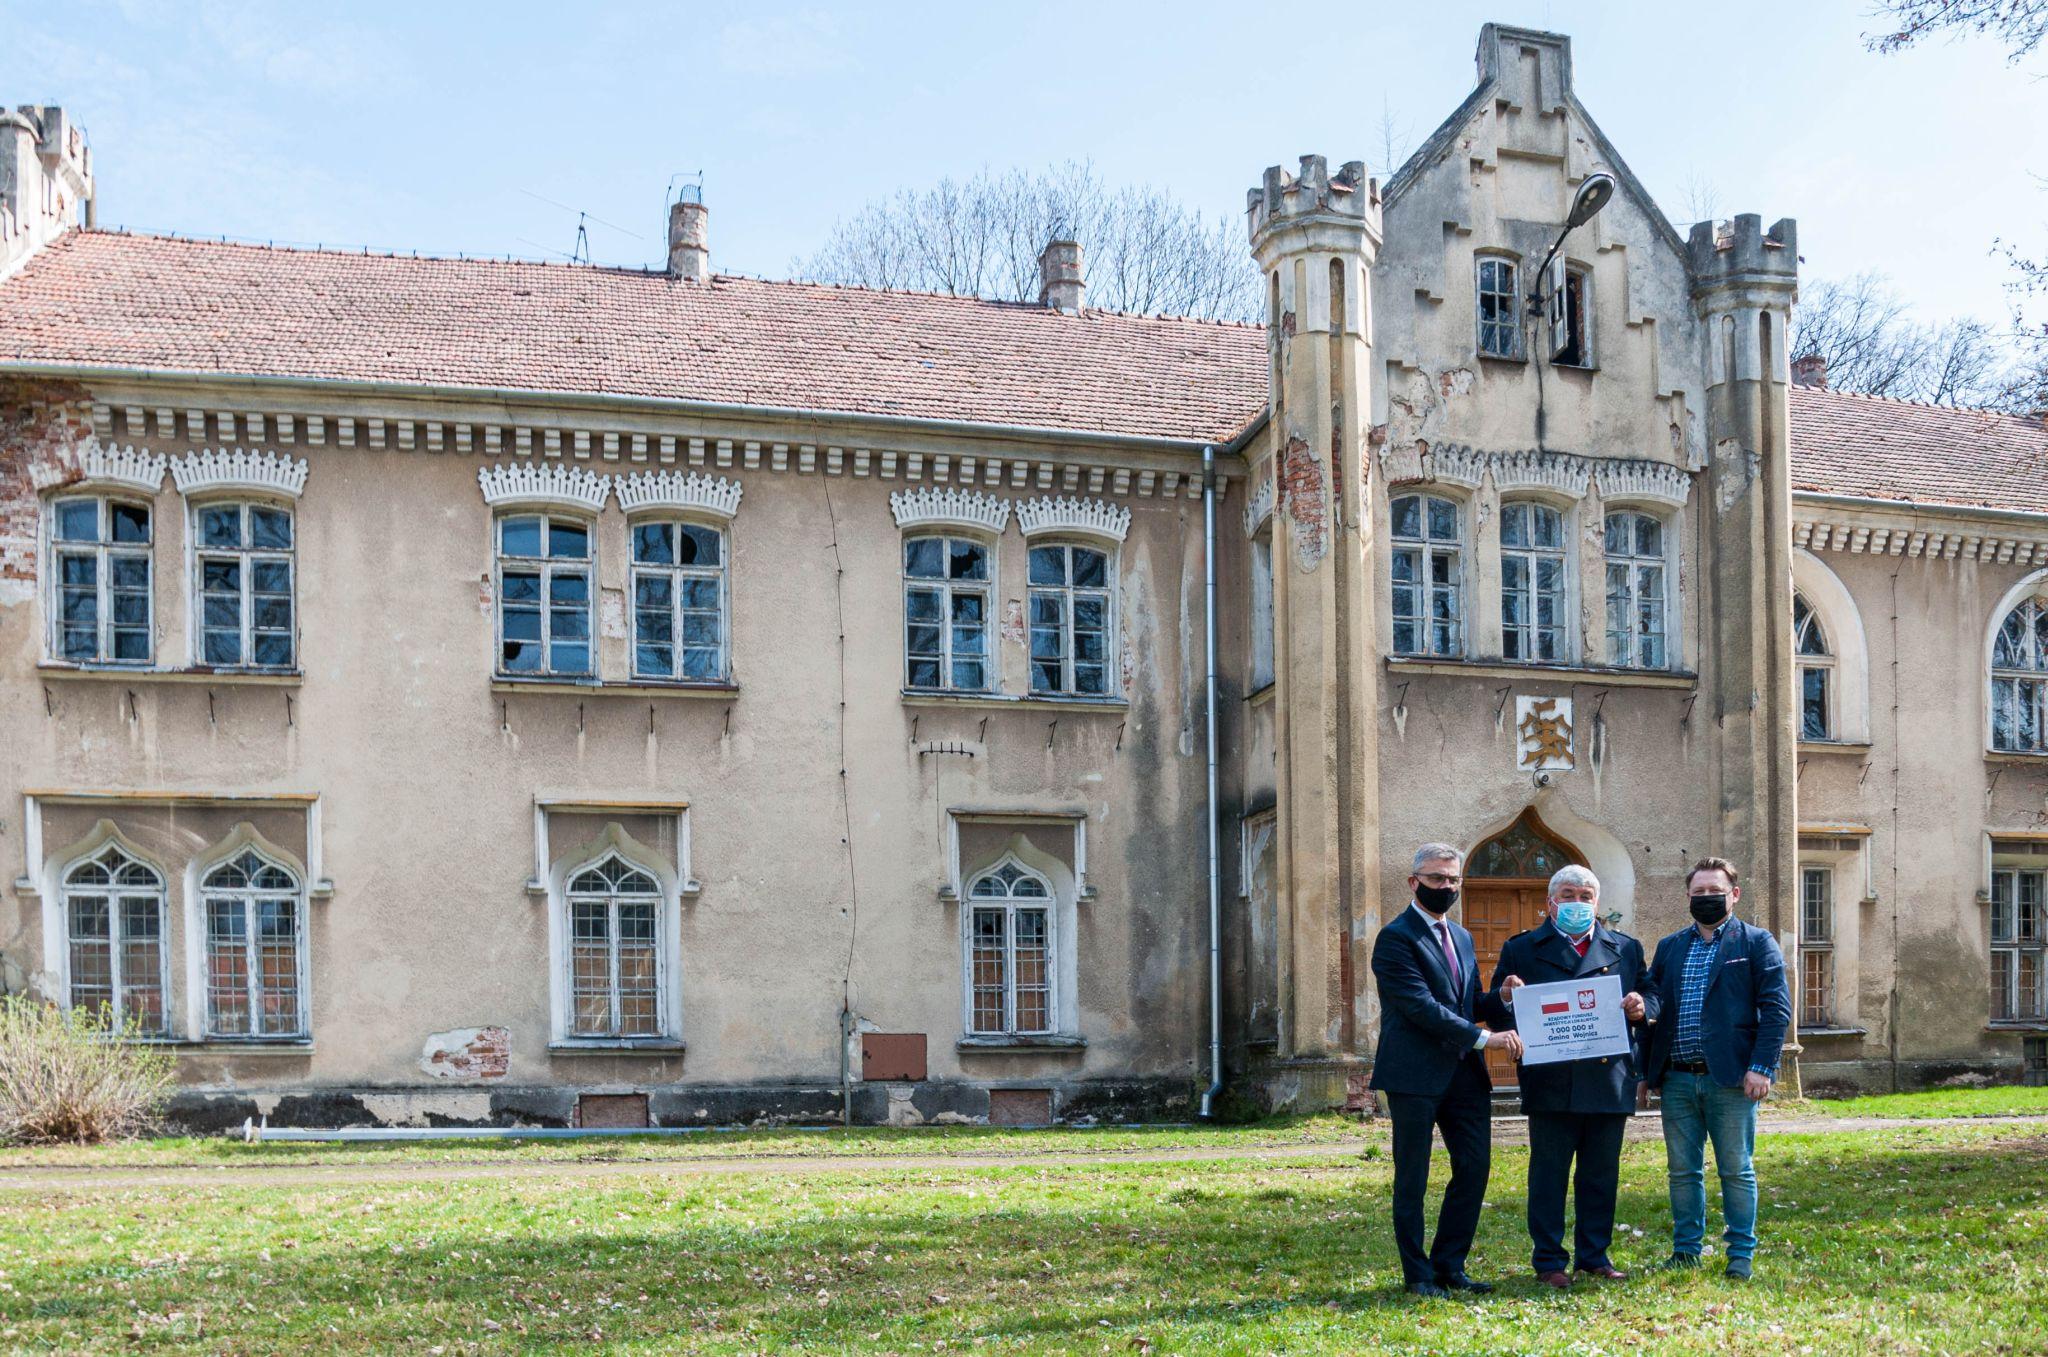 Zdjęcie przekazanie promesy na tle Pałącu Dąbskich w Wojniczu.